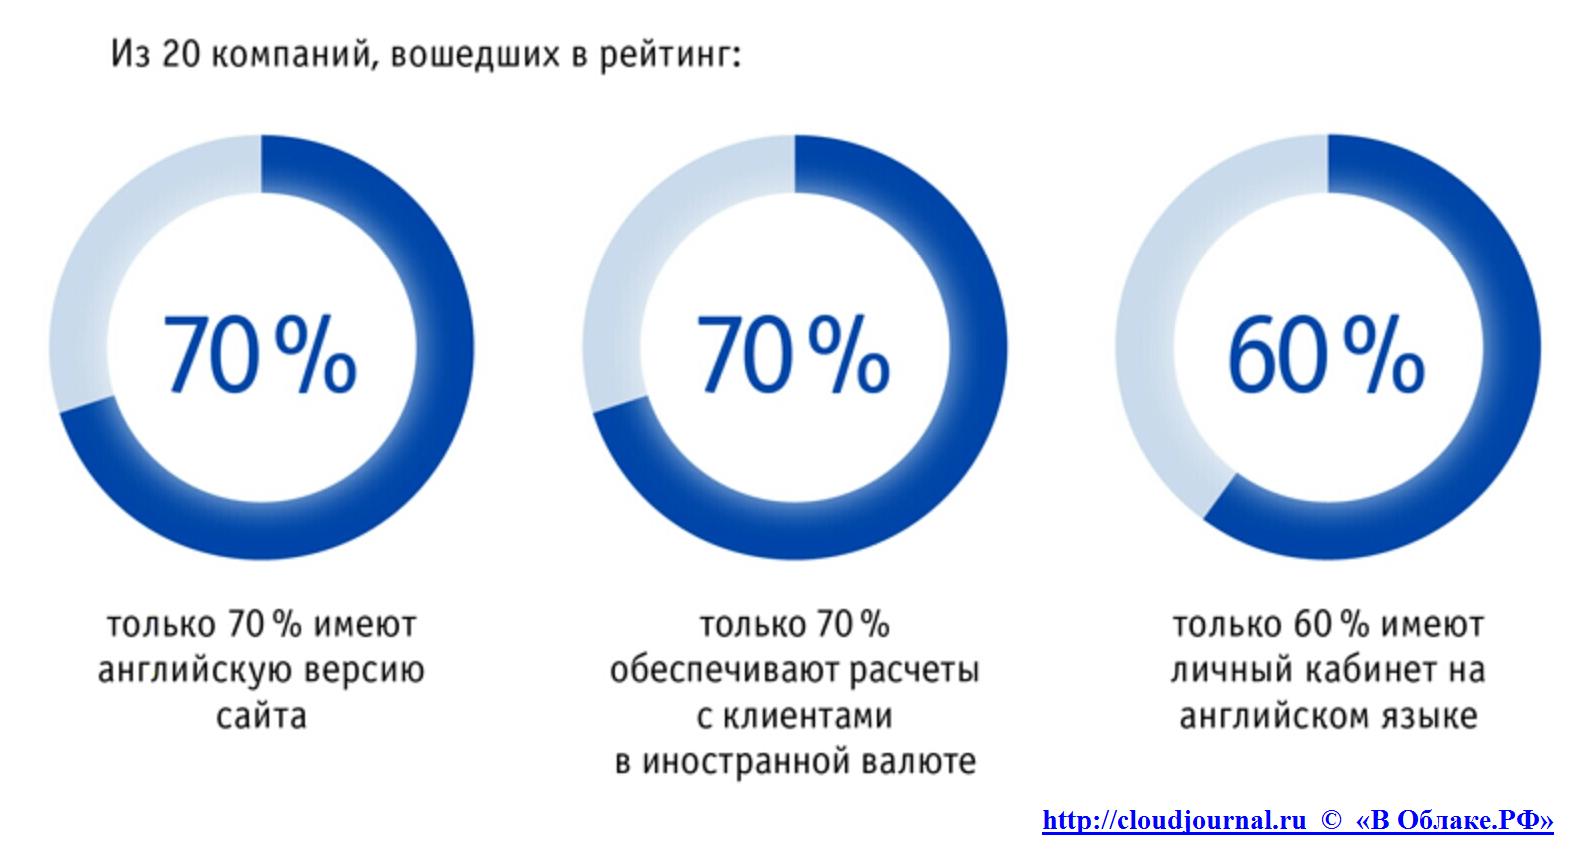 Рейтинг облачных-провайдеров России по степени готовности к взаимодействию с иностранными клиентами - 1